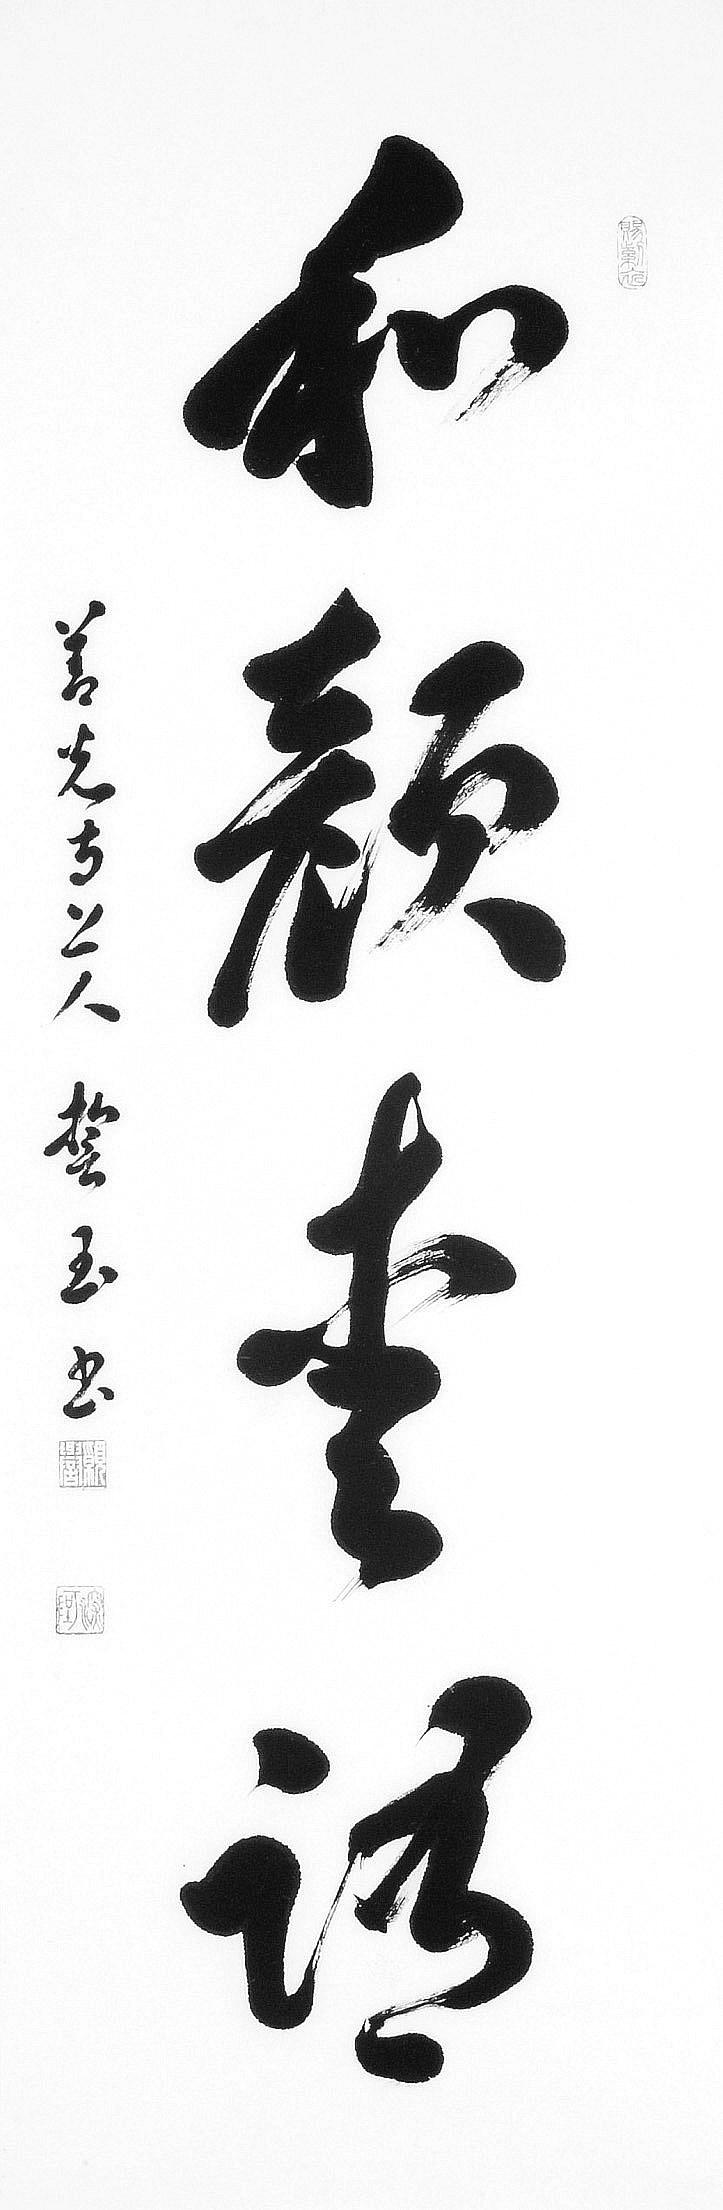 鷹司 誓玉 和願愛語